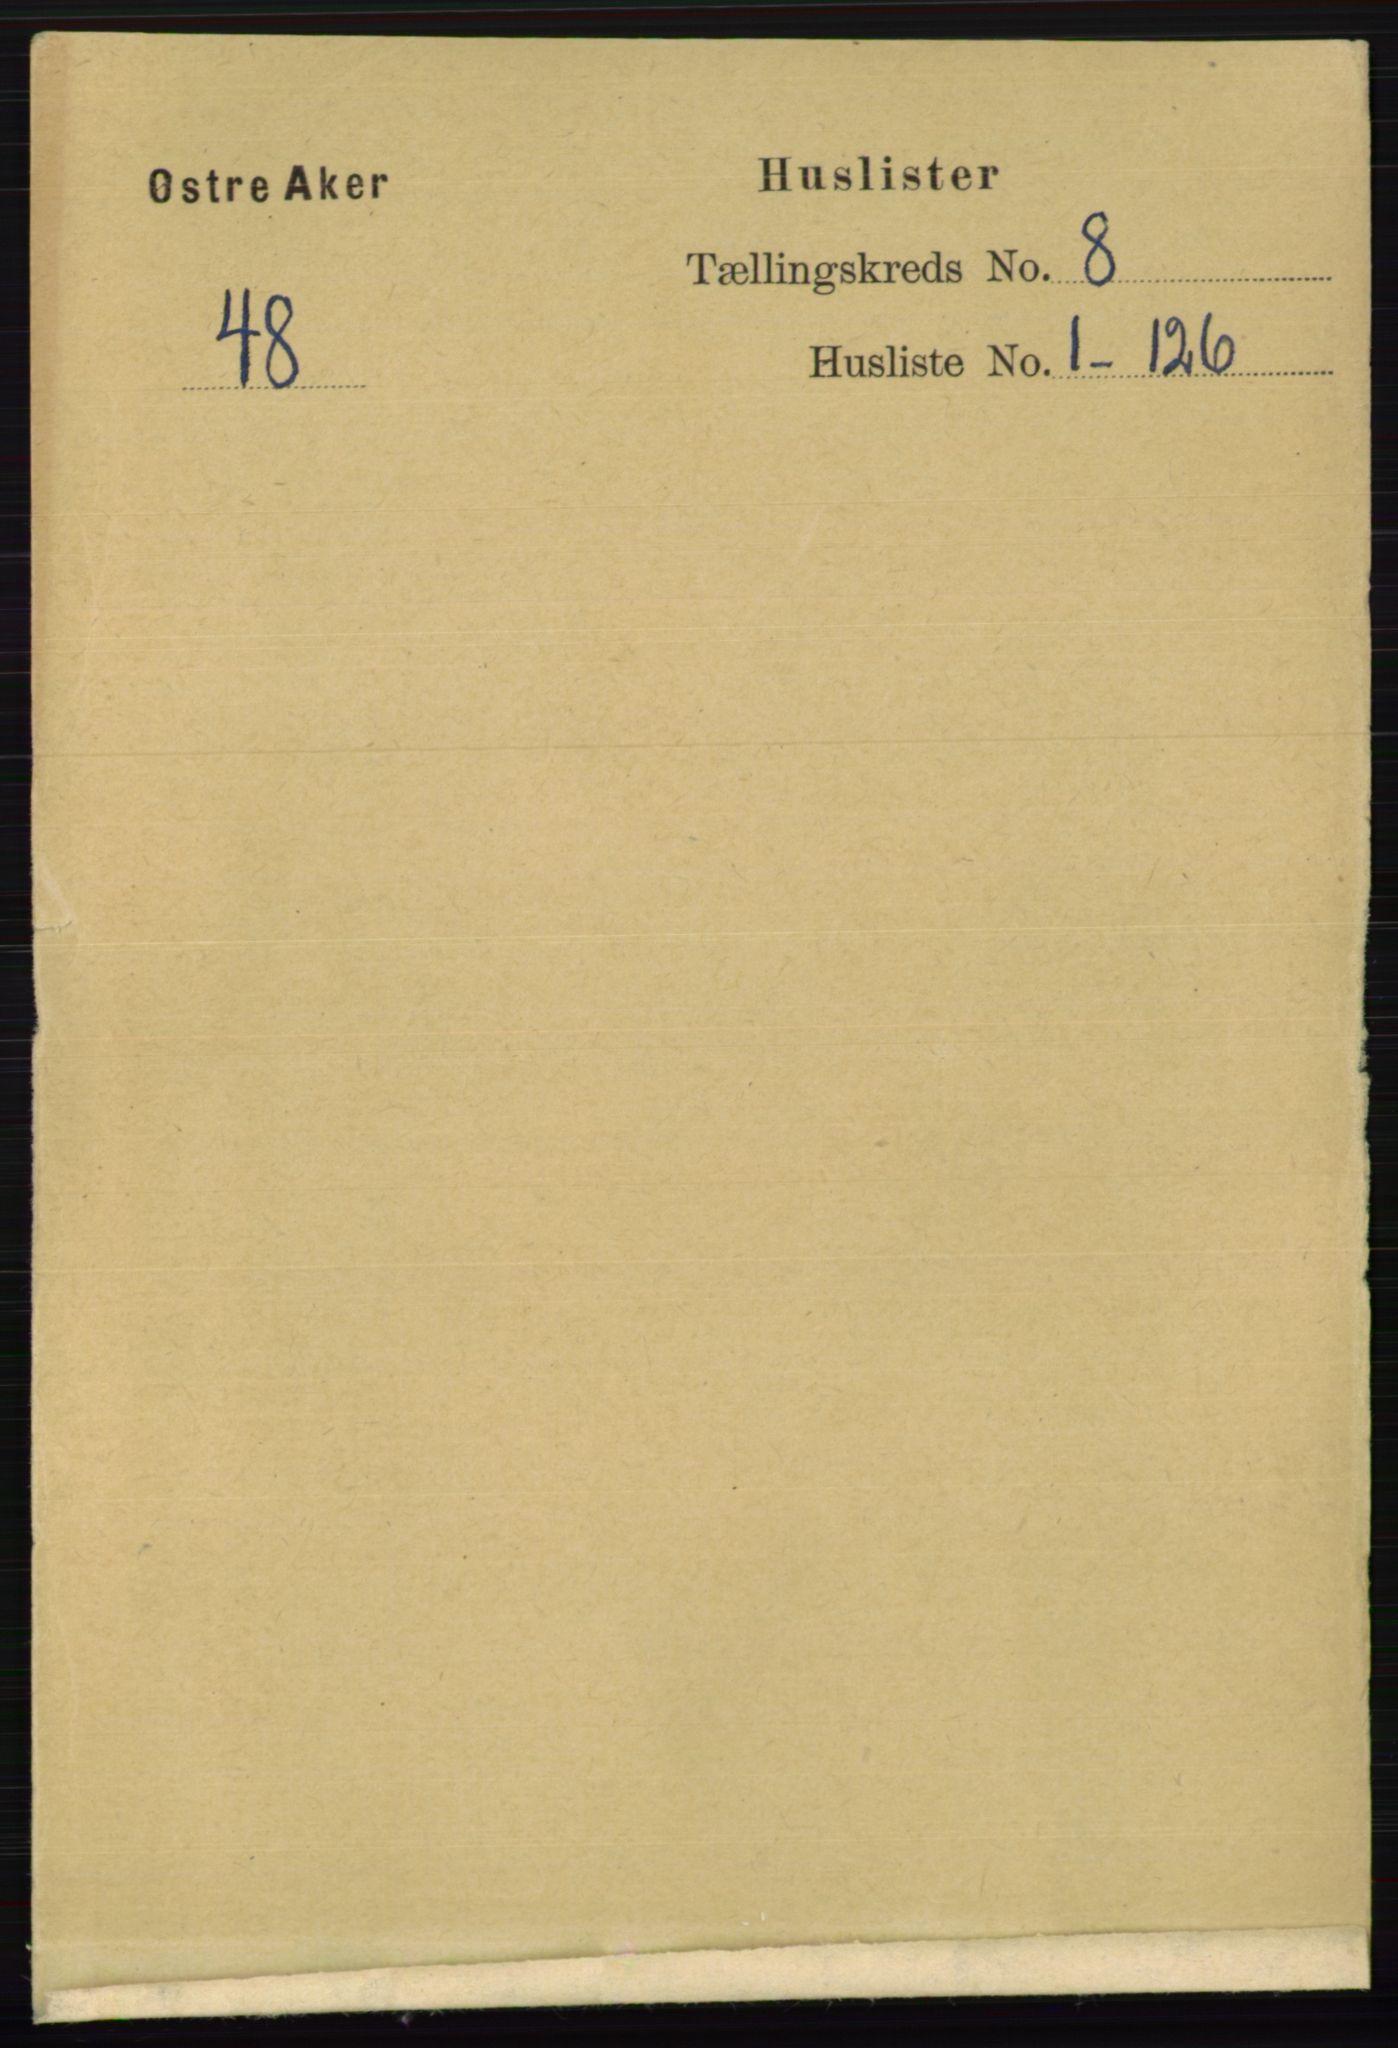 RA, Folketelling 1891 for 0218 Aker herred, 1891, s. 7104